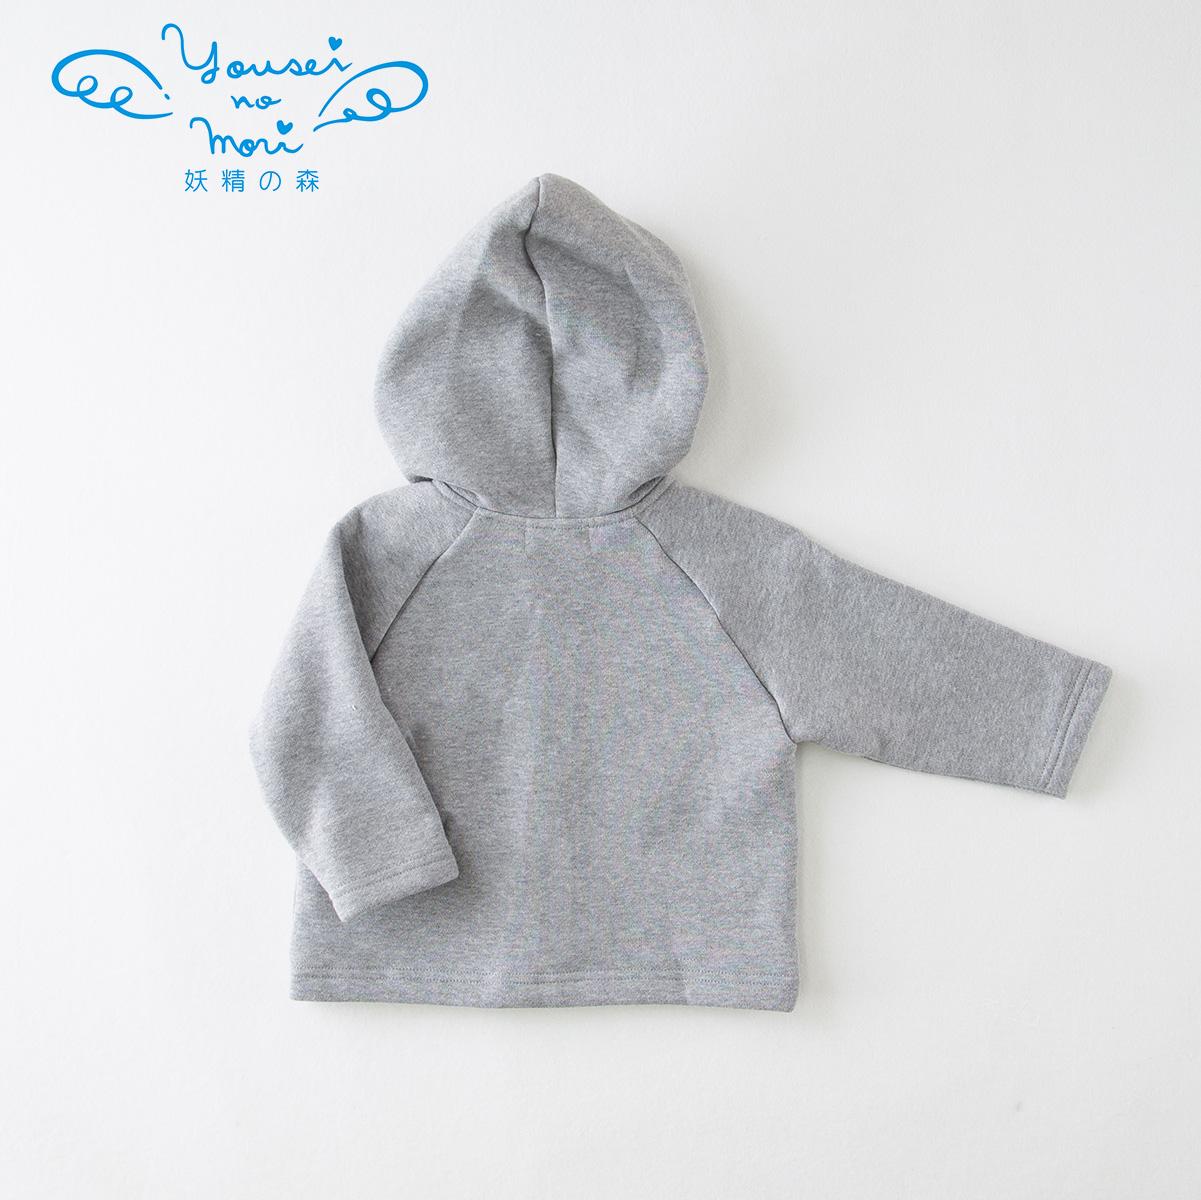 ふわふわあったかパーカー(パンダ)  YH224(ベビー服)